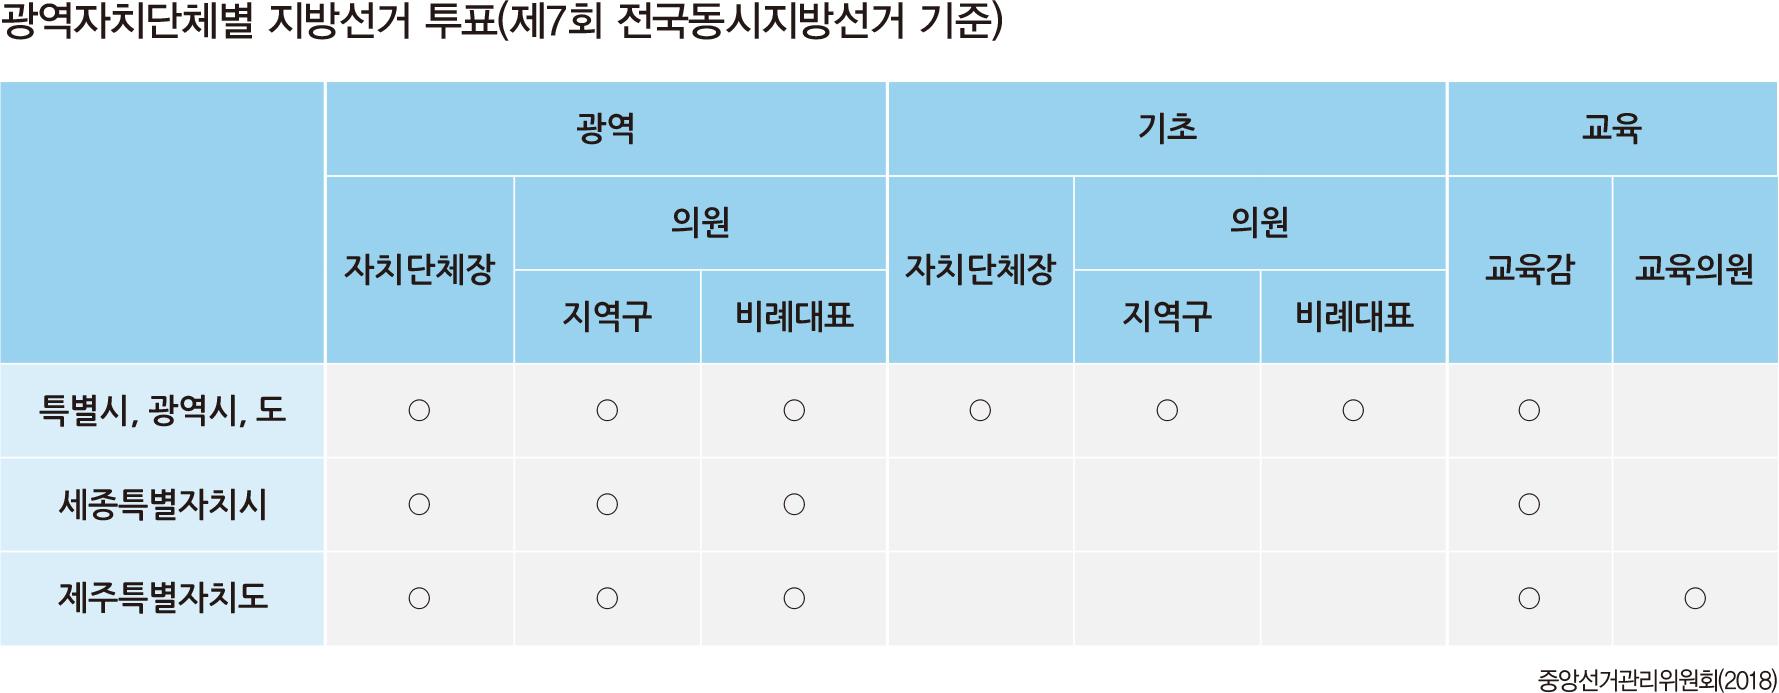 광역자치단체별 지방선거 투표(제7회 전국동시지방선거 기준)